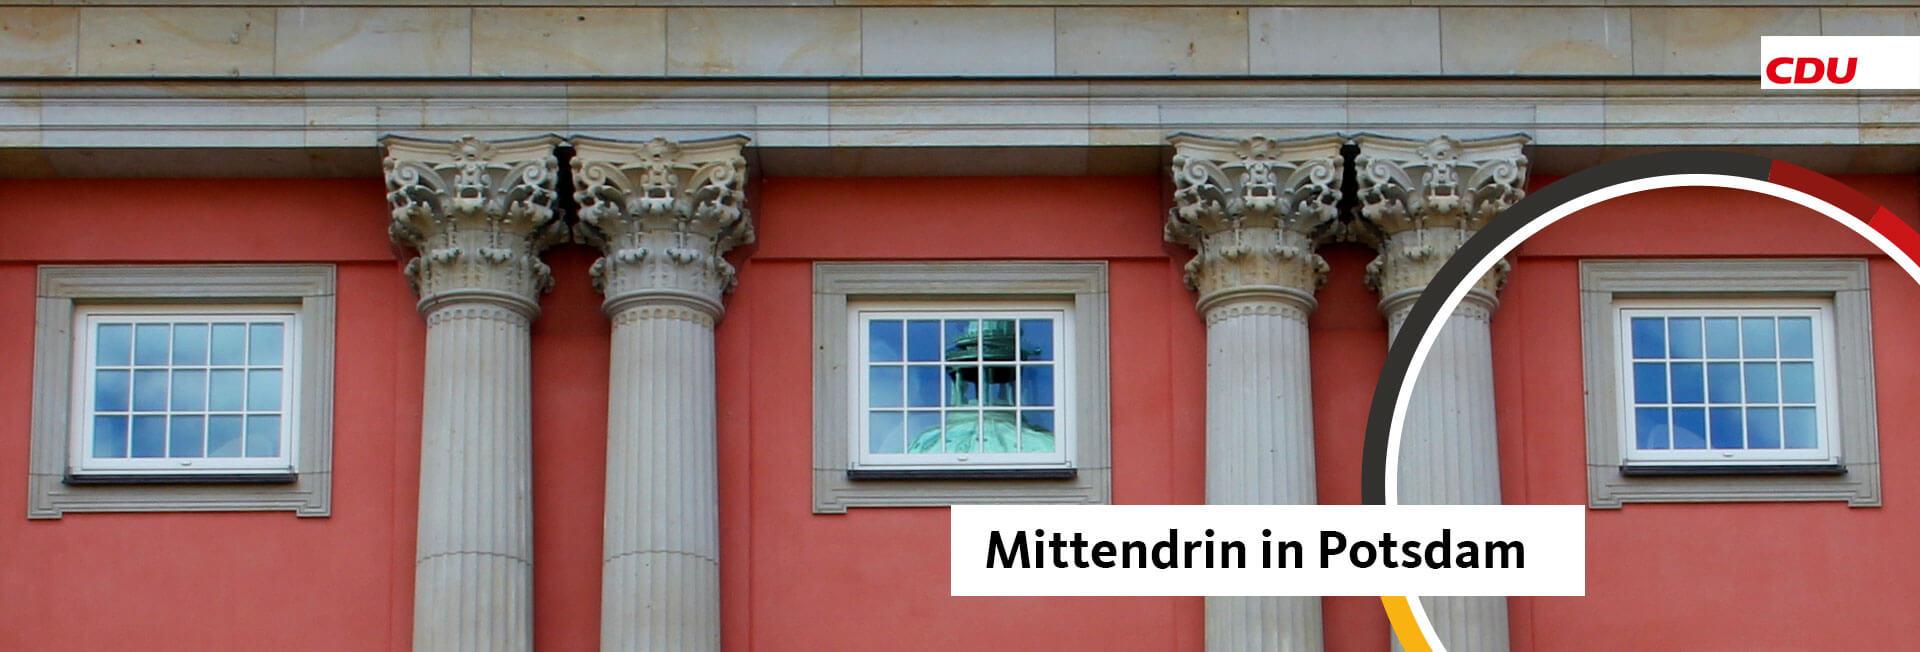 Mein Wahlkreis - Potsdam